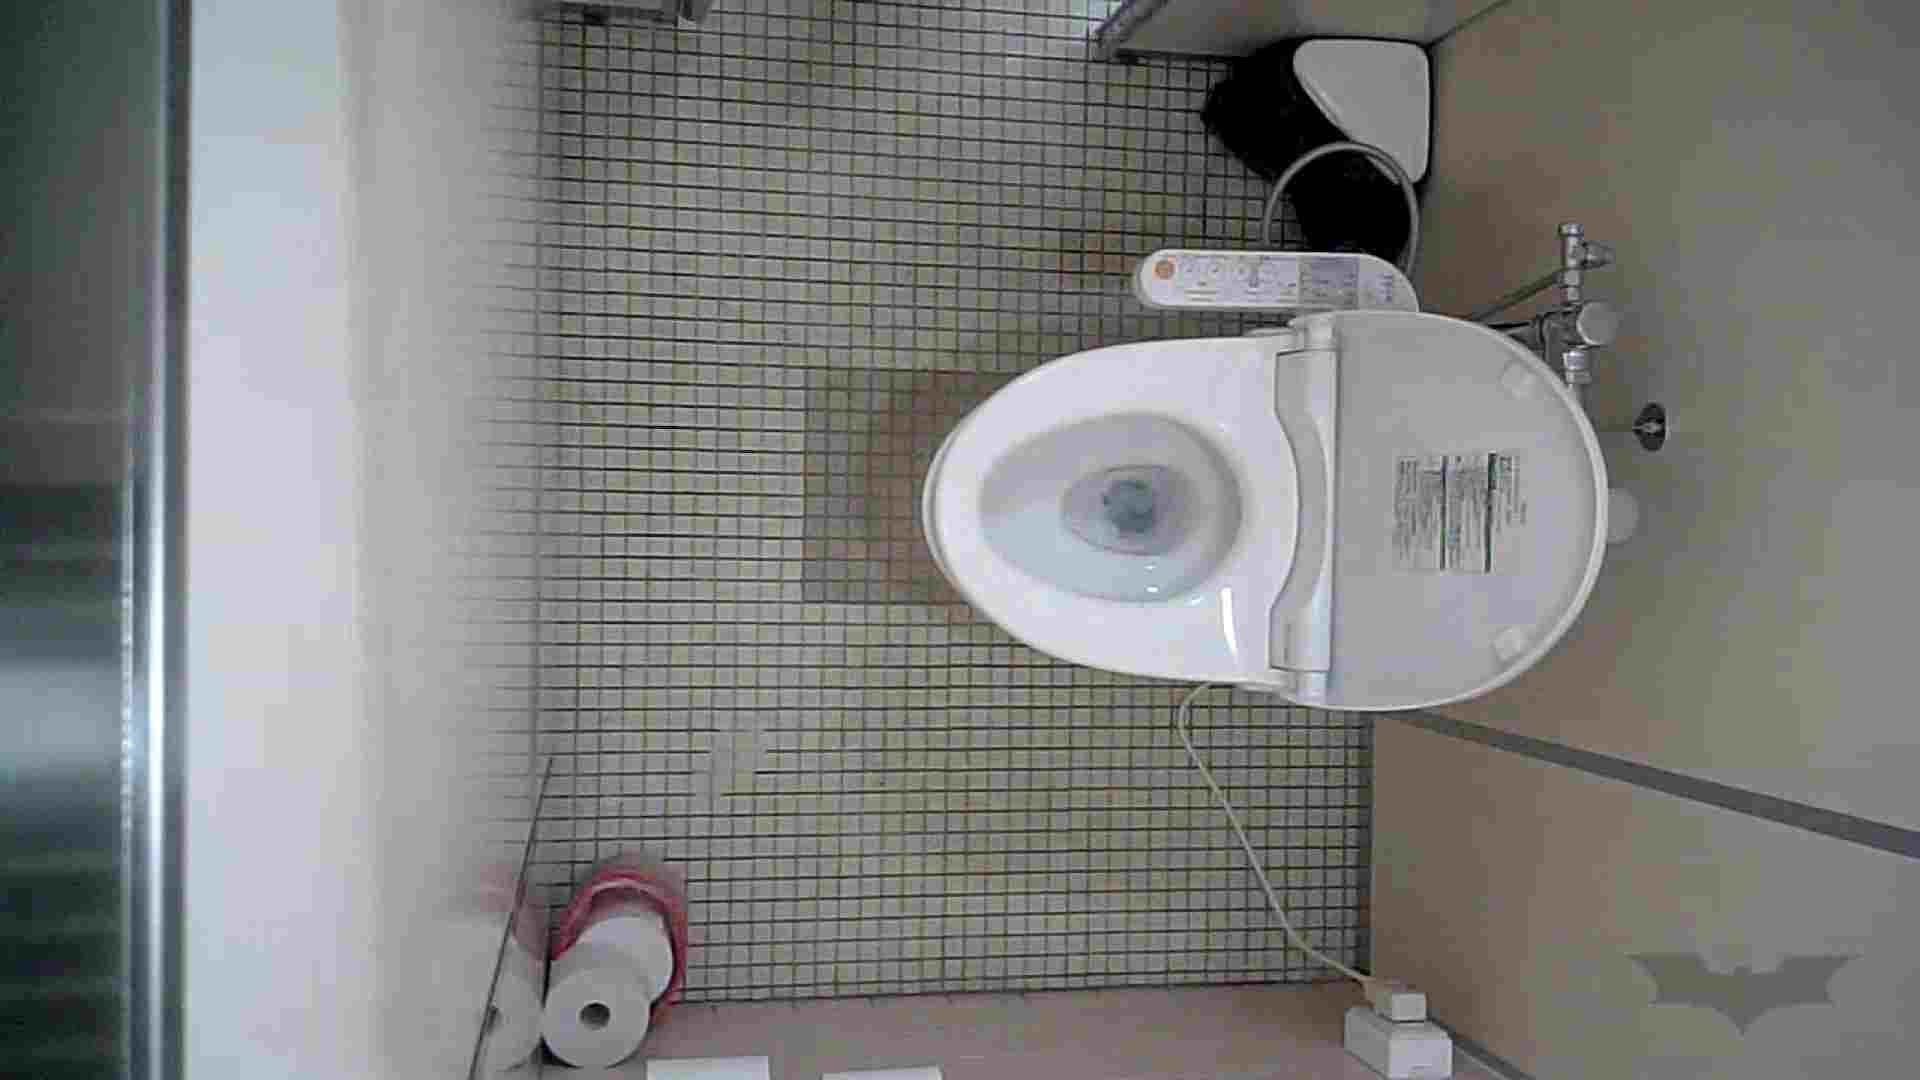 アダルトエロ動画|有名大学女性洗面所 vol.41 素敵なオシリとお顔がいっぱい。抜き過ぎ注意報!|怪盗ジョーカー